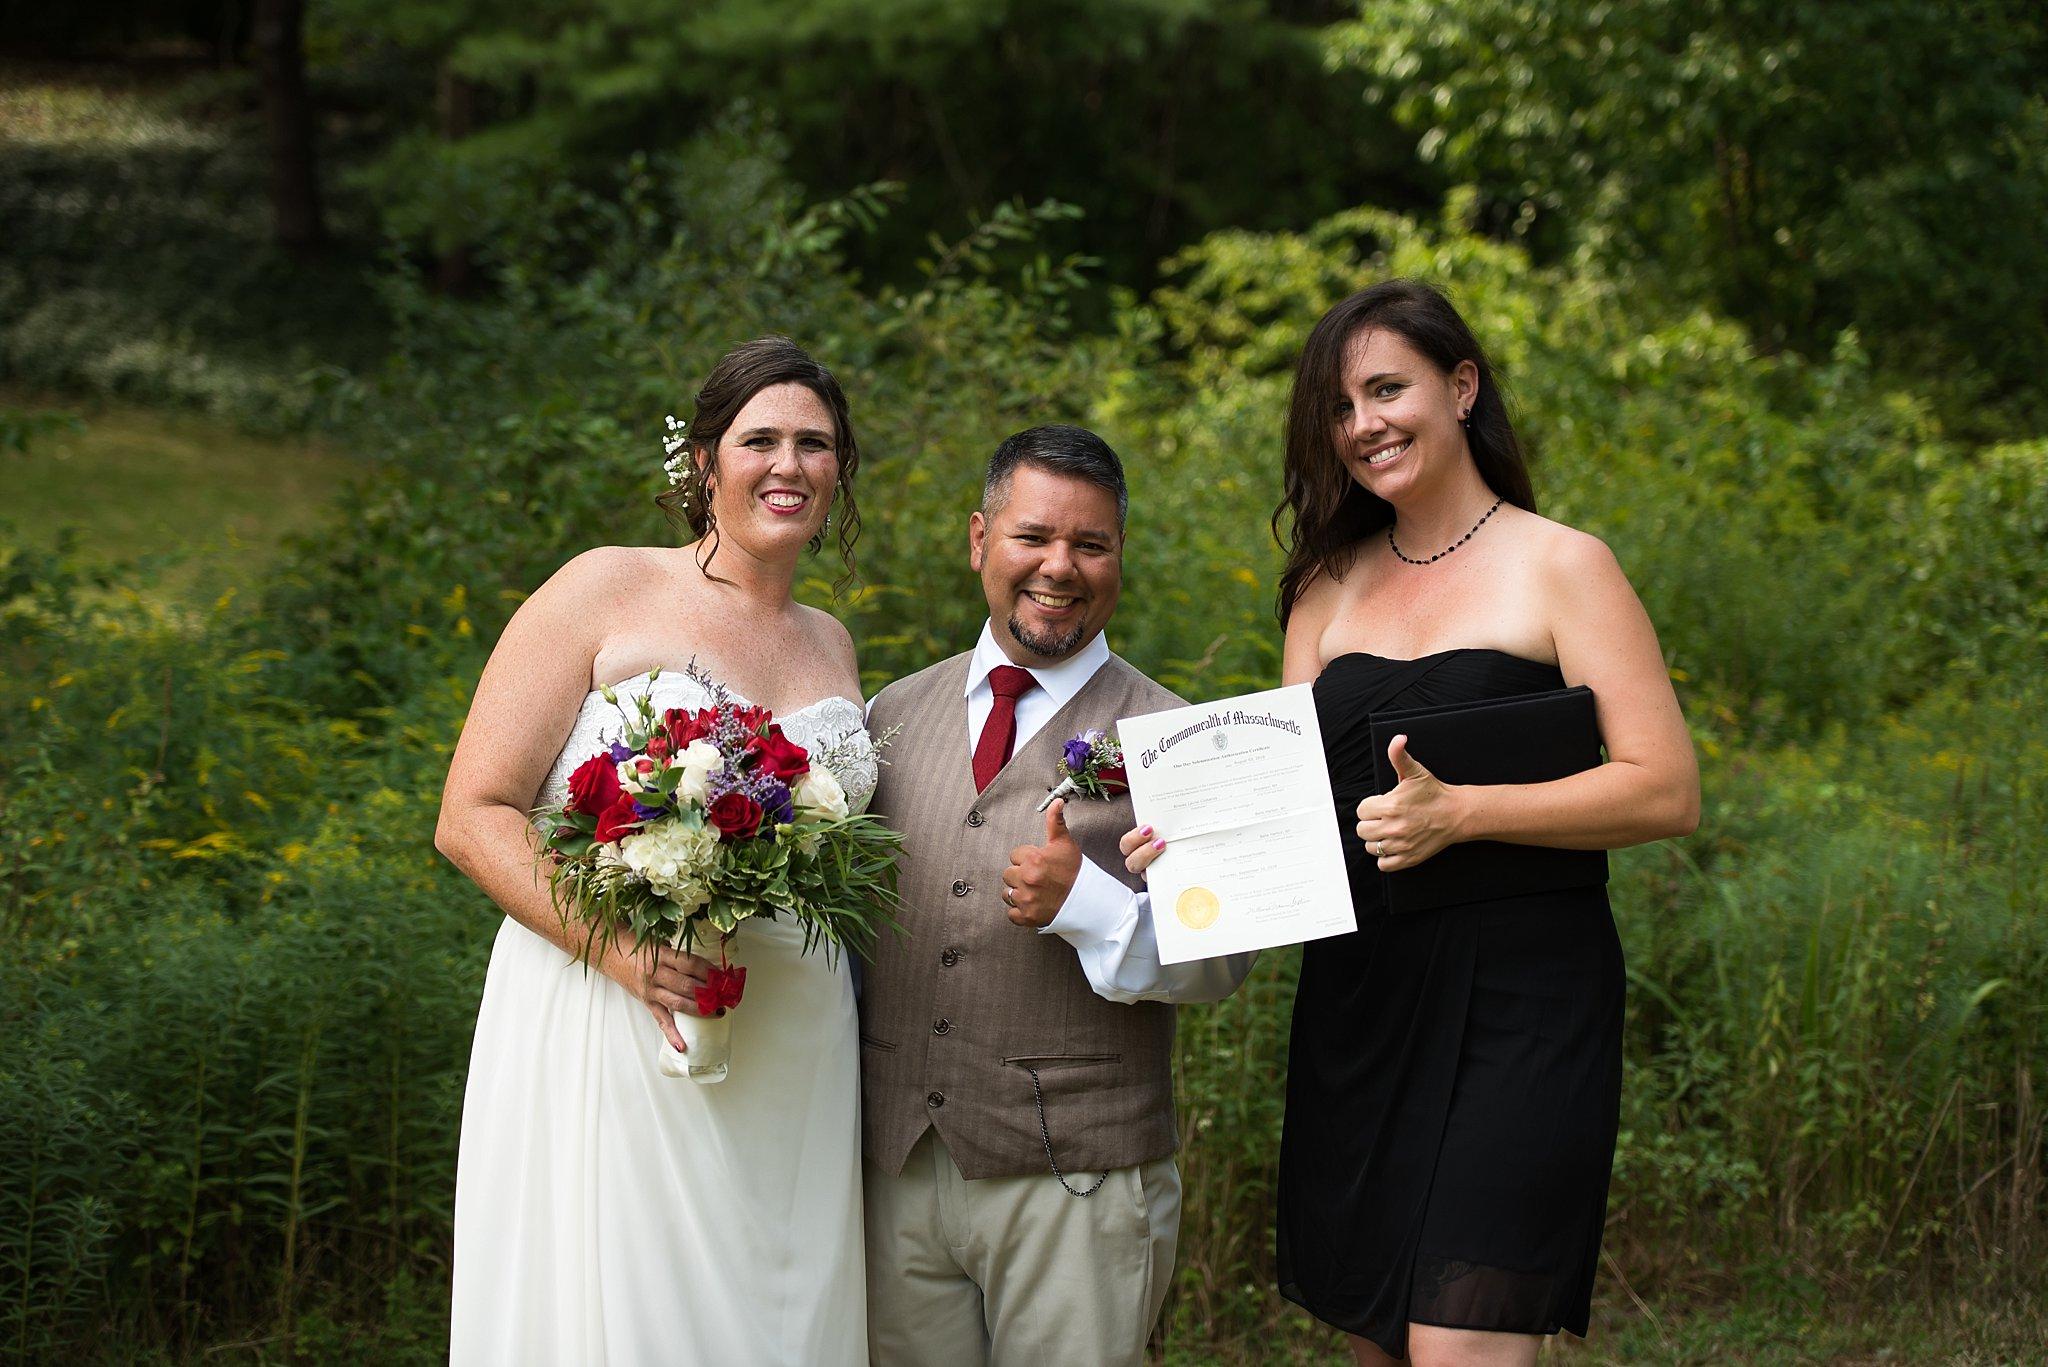 rustic wedding ideas.jpg